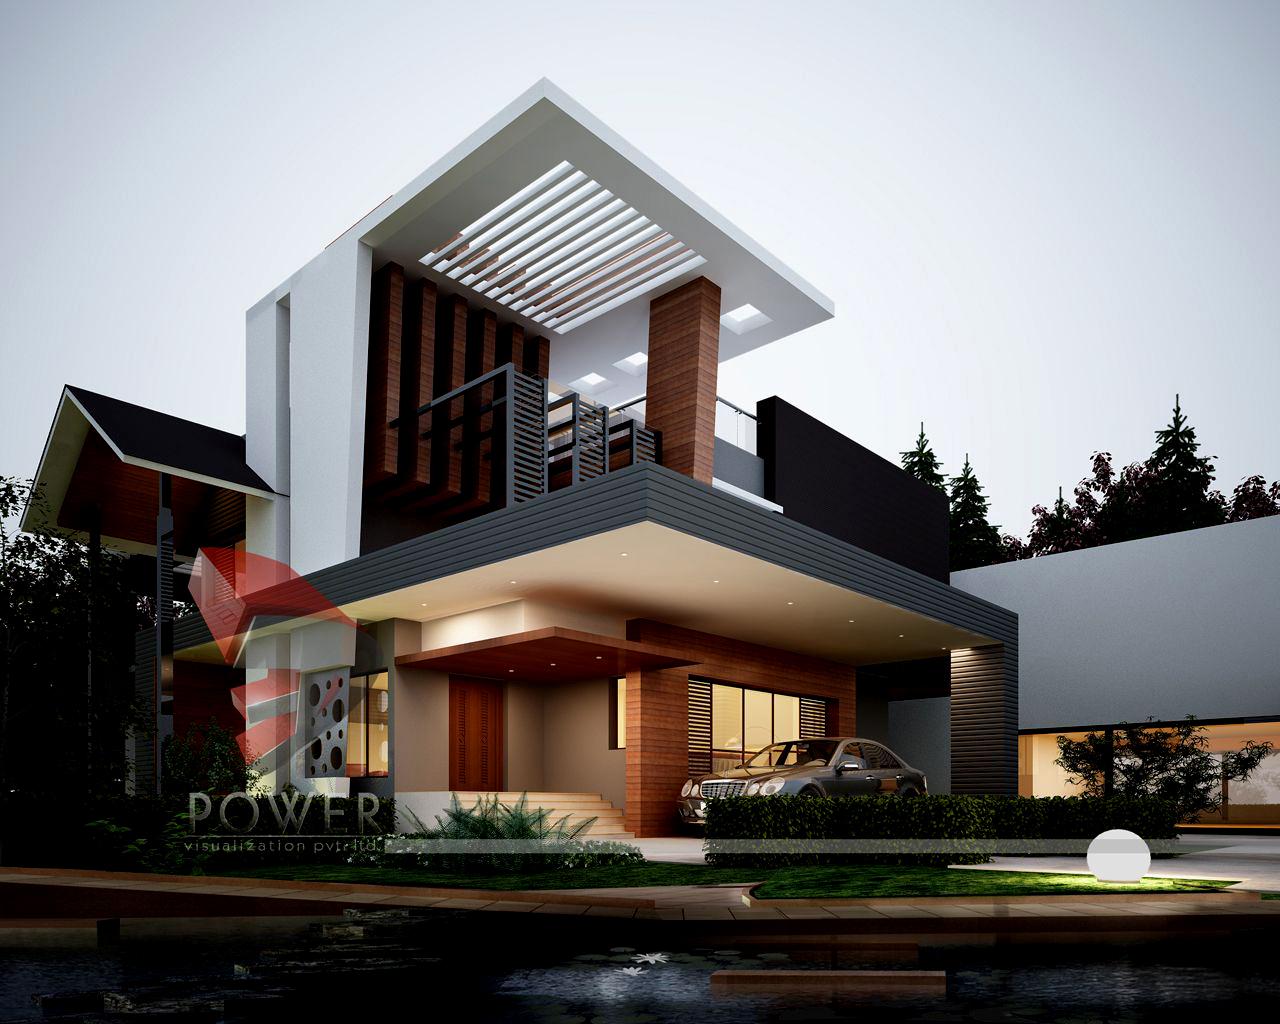 3D Bungalow Exterior | 3D Bungalow Rendering | 3D Power